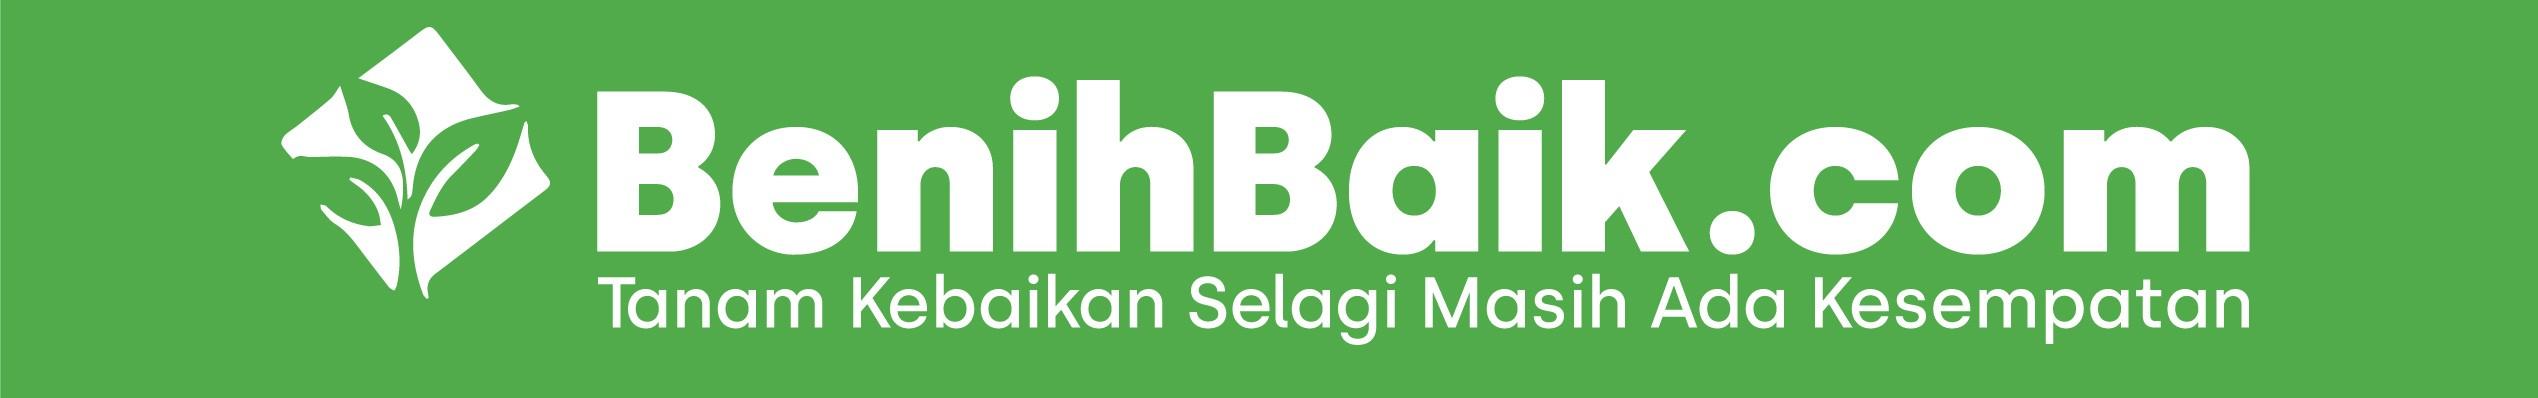 benihbaik